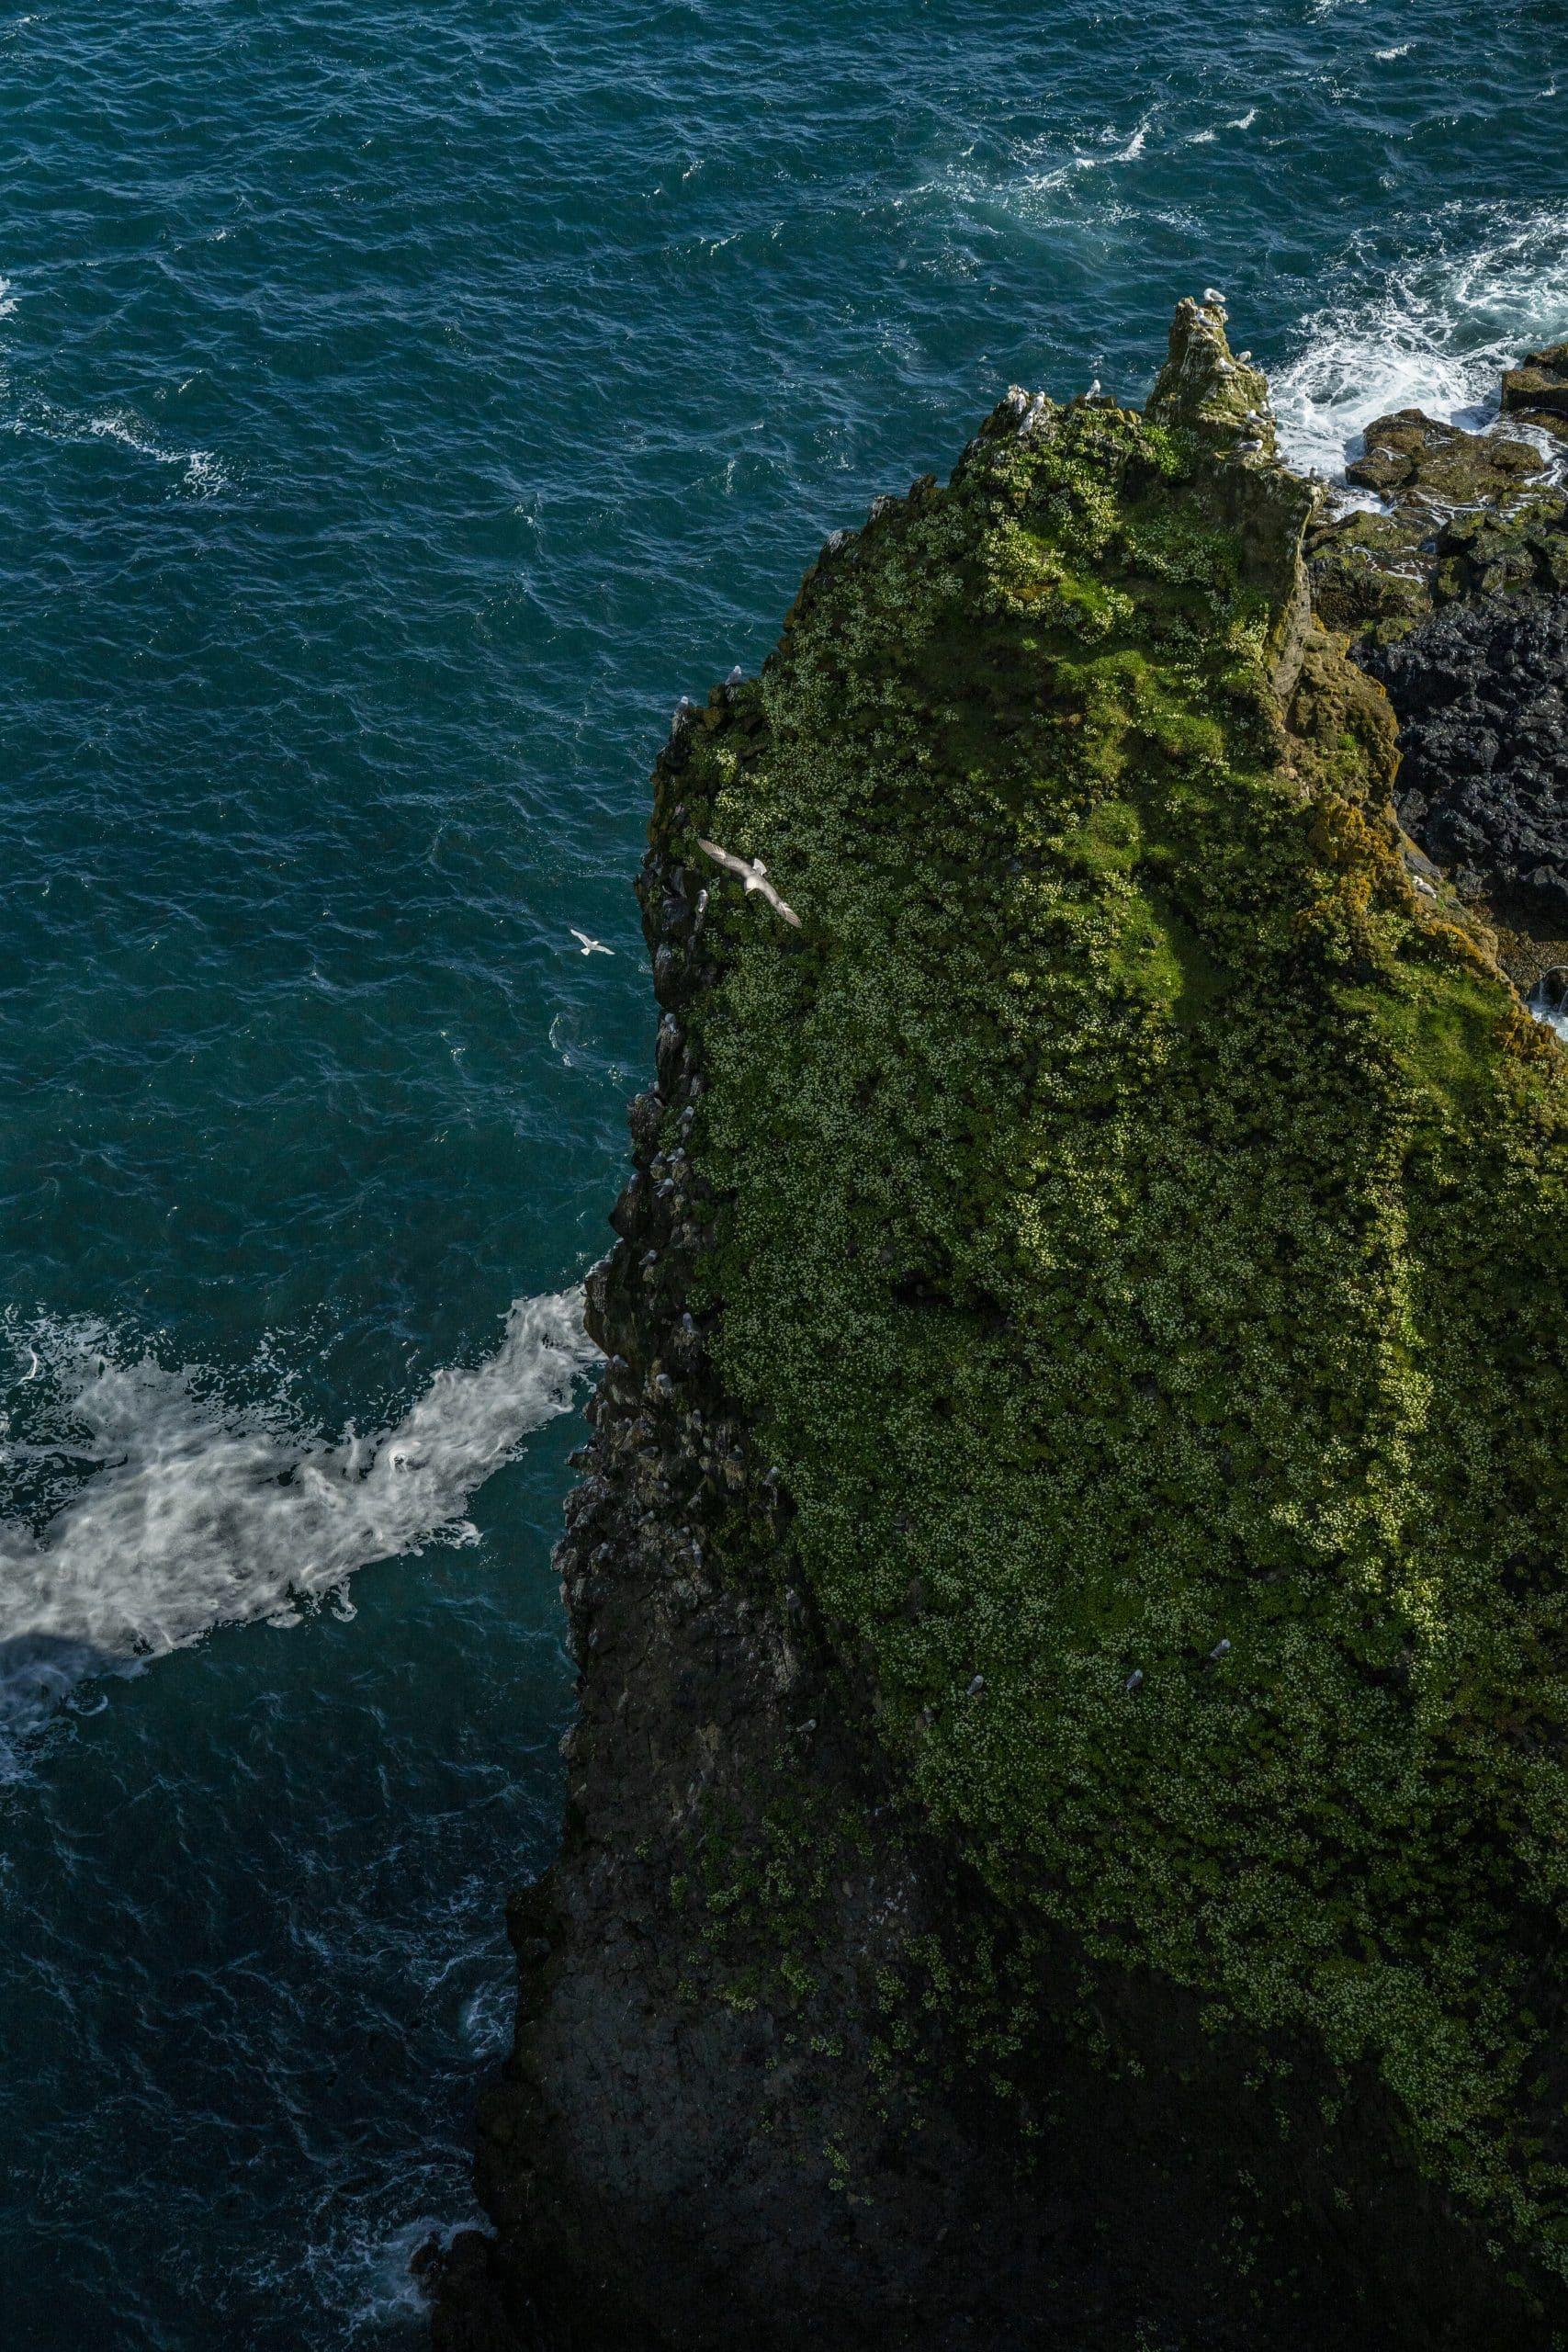 Vue aérienne des formations rocheuses de Londrangar sur la péninsule de Snaefellsnes.